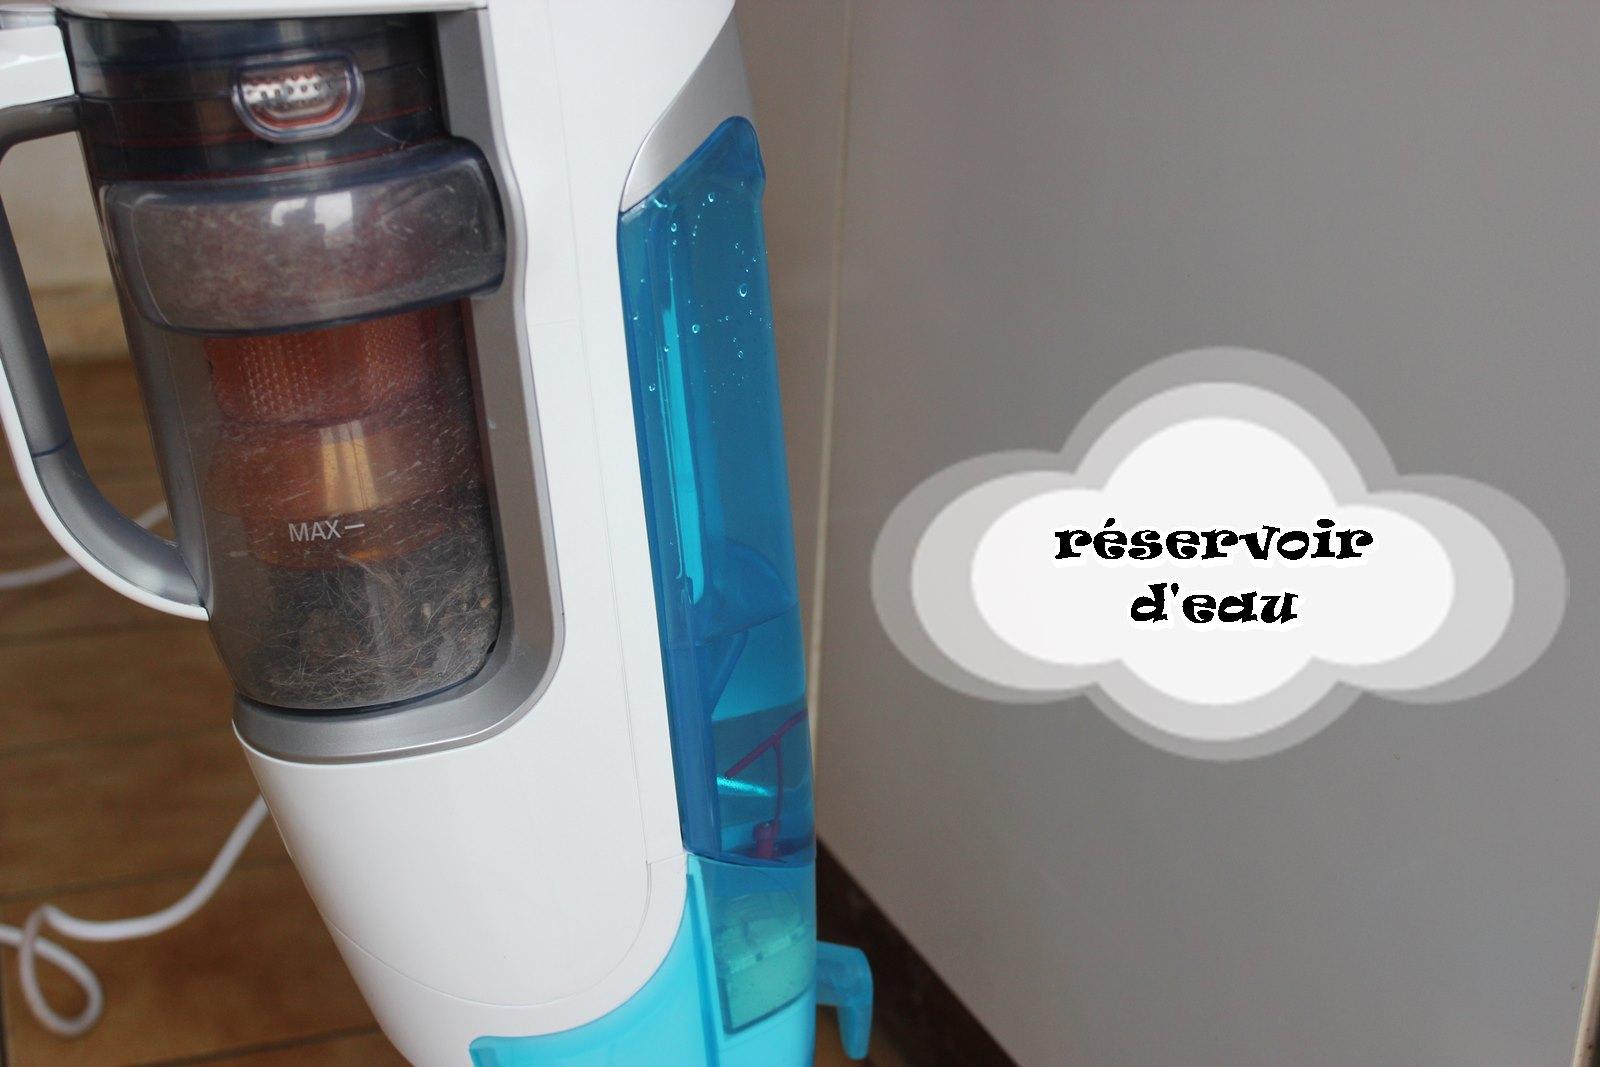 Rowenta clean steam aspirateur balai nettoyeur vapeur 6